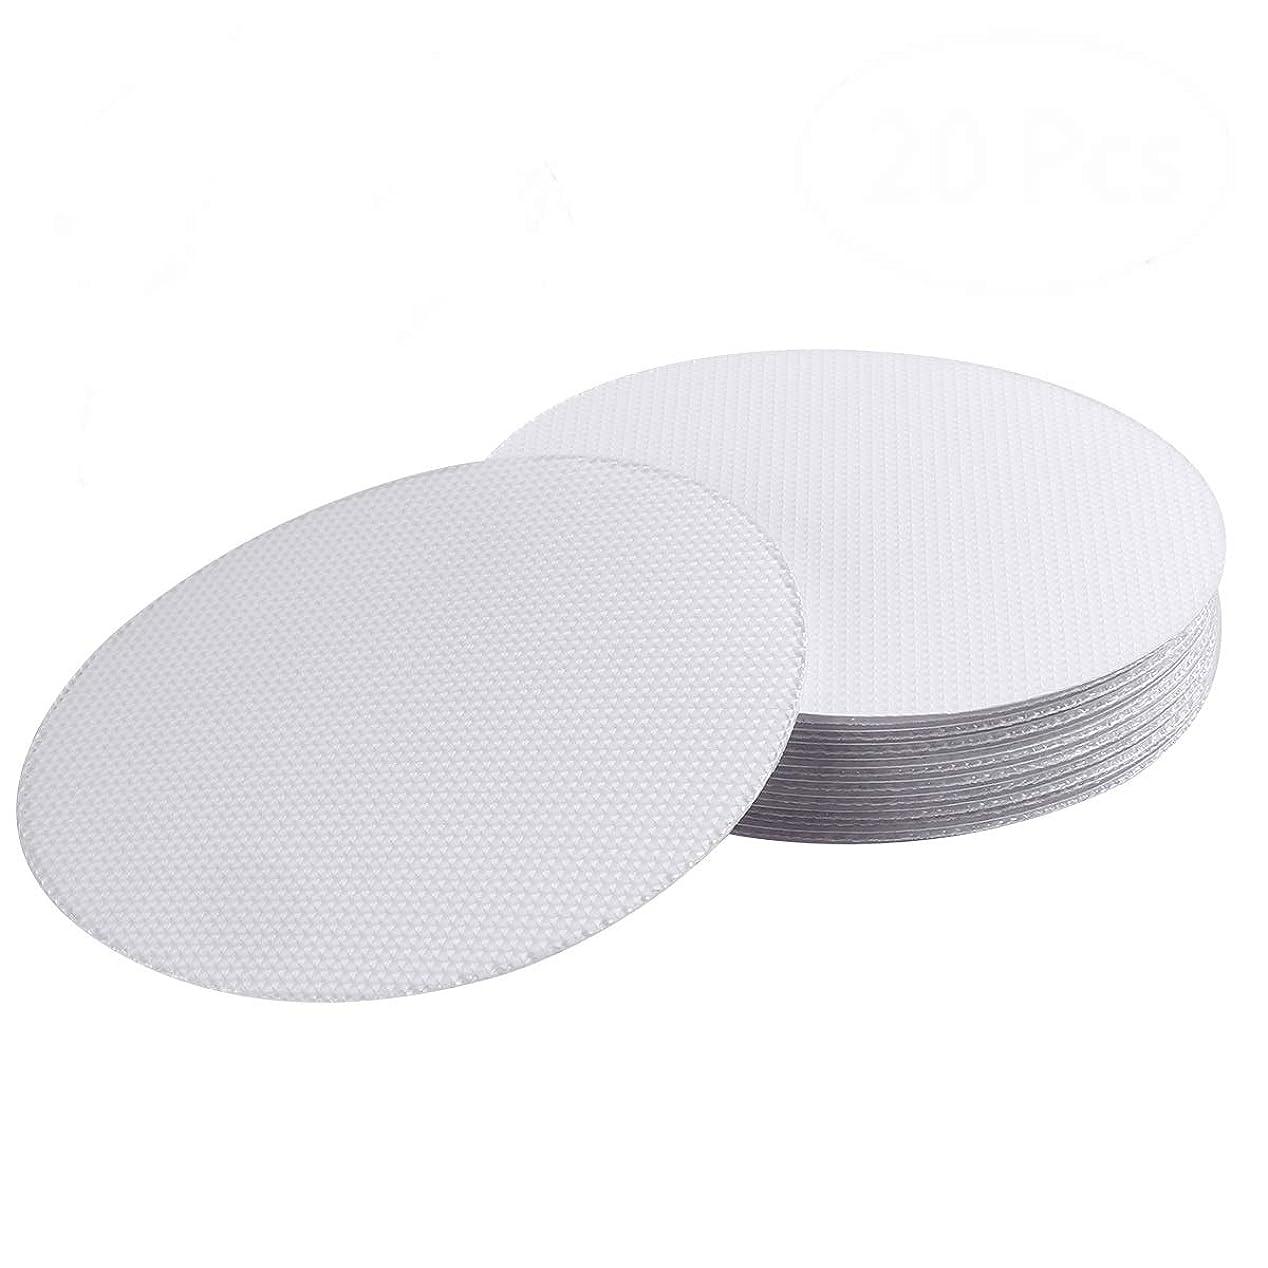 バラエティ石鹸動的OUNONA 滑り止め テープ バスタブ 滑り止め 浴室スリップ ゴム製 20枚セット(透明)